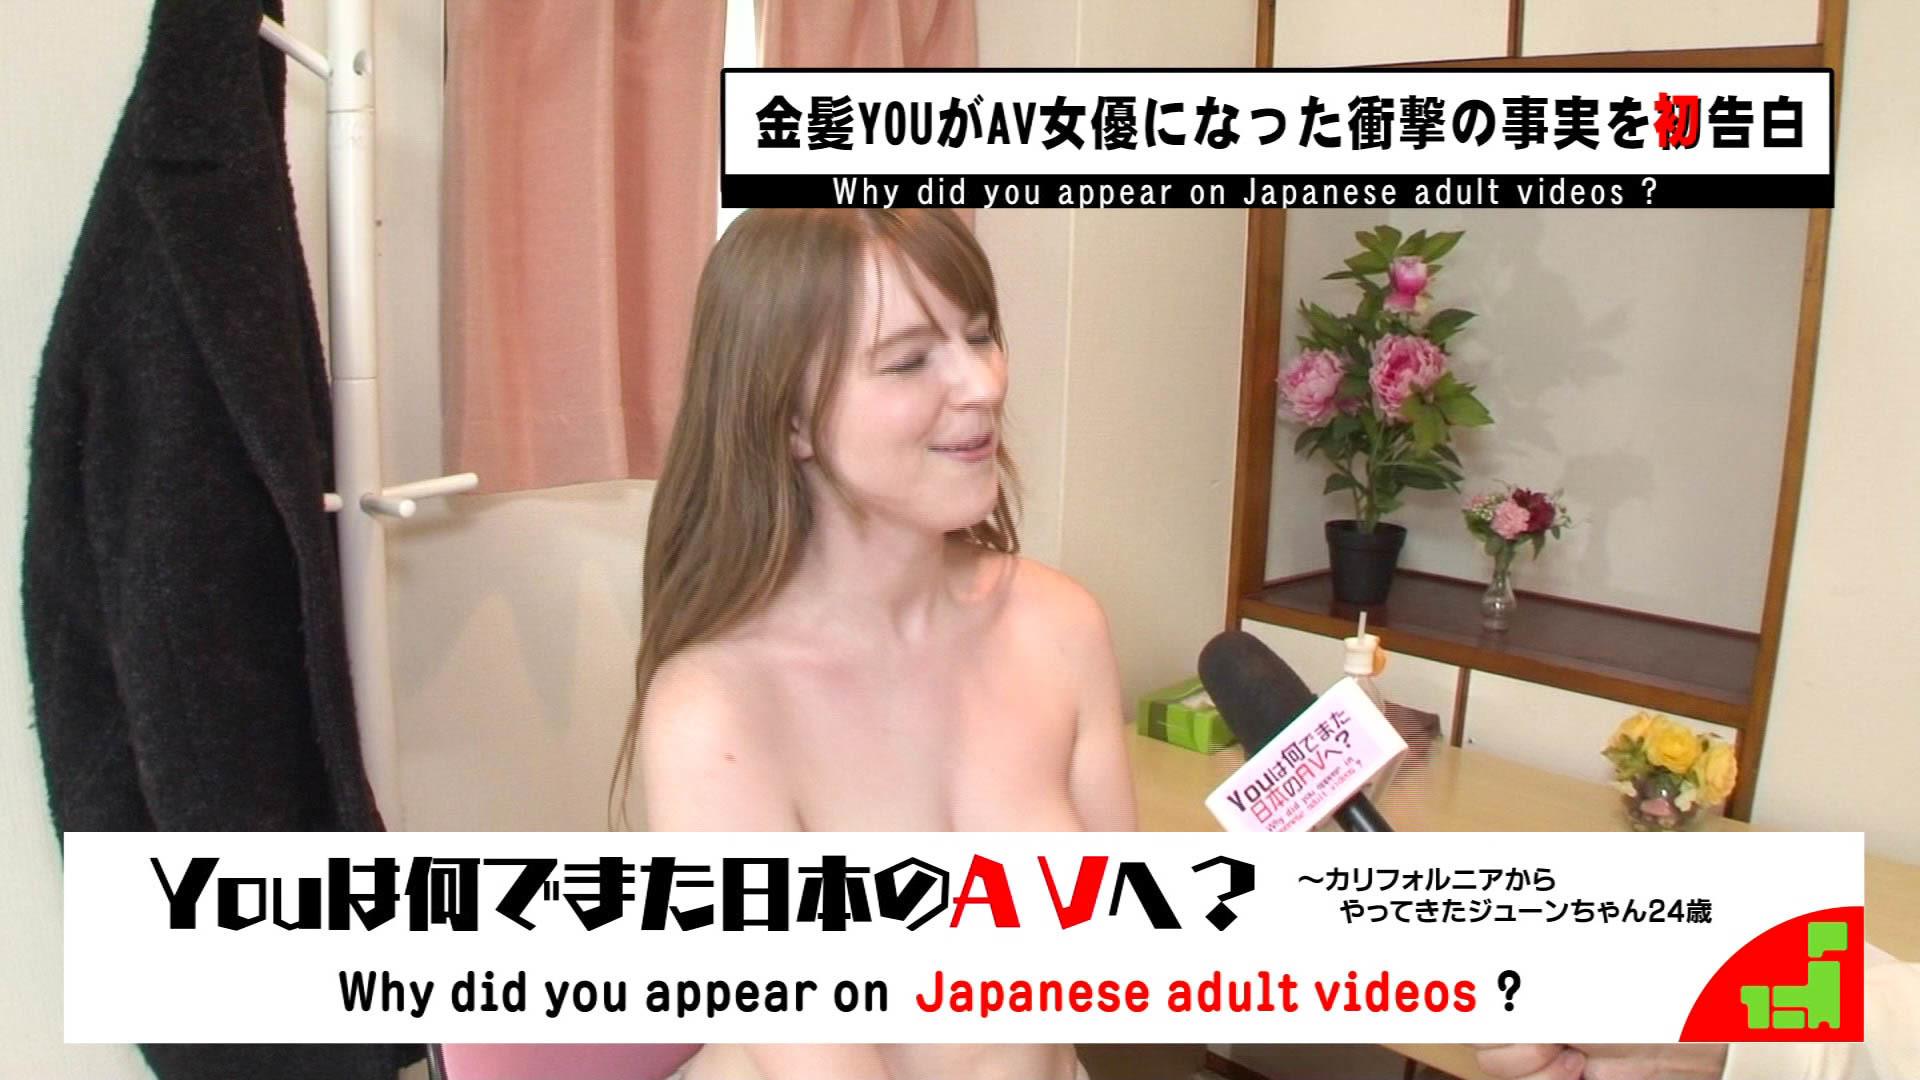 Youは何でまた日本のAVへ?~カリフォルニアからやってきたジューンちゃん(24歳)